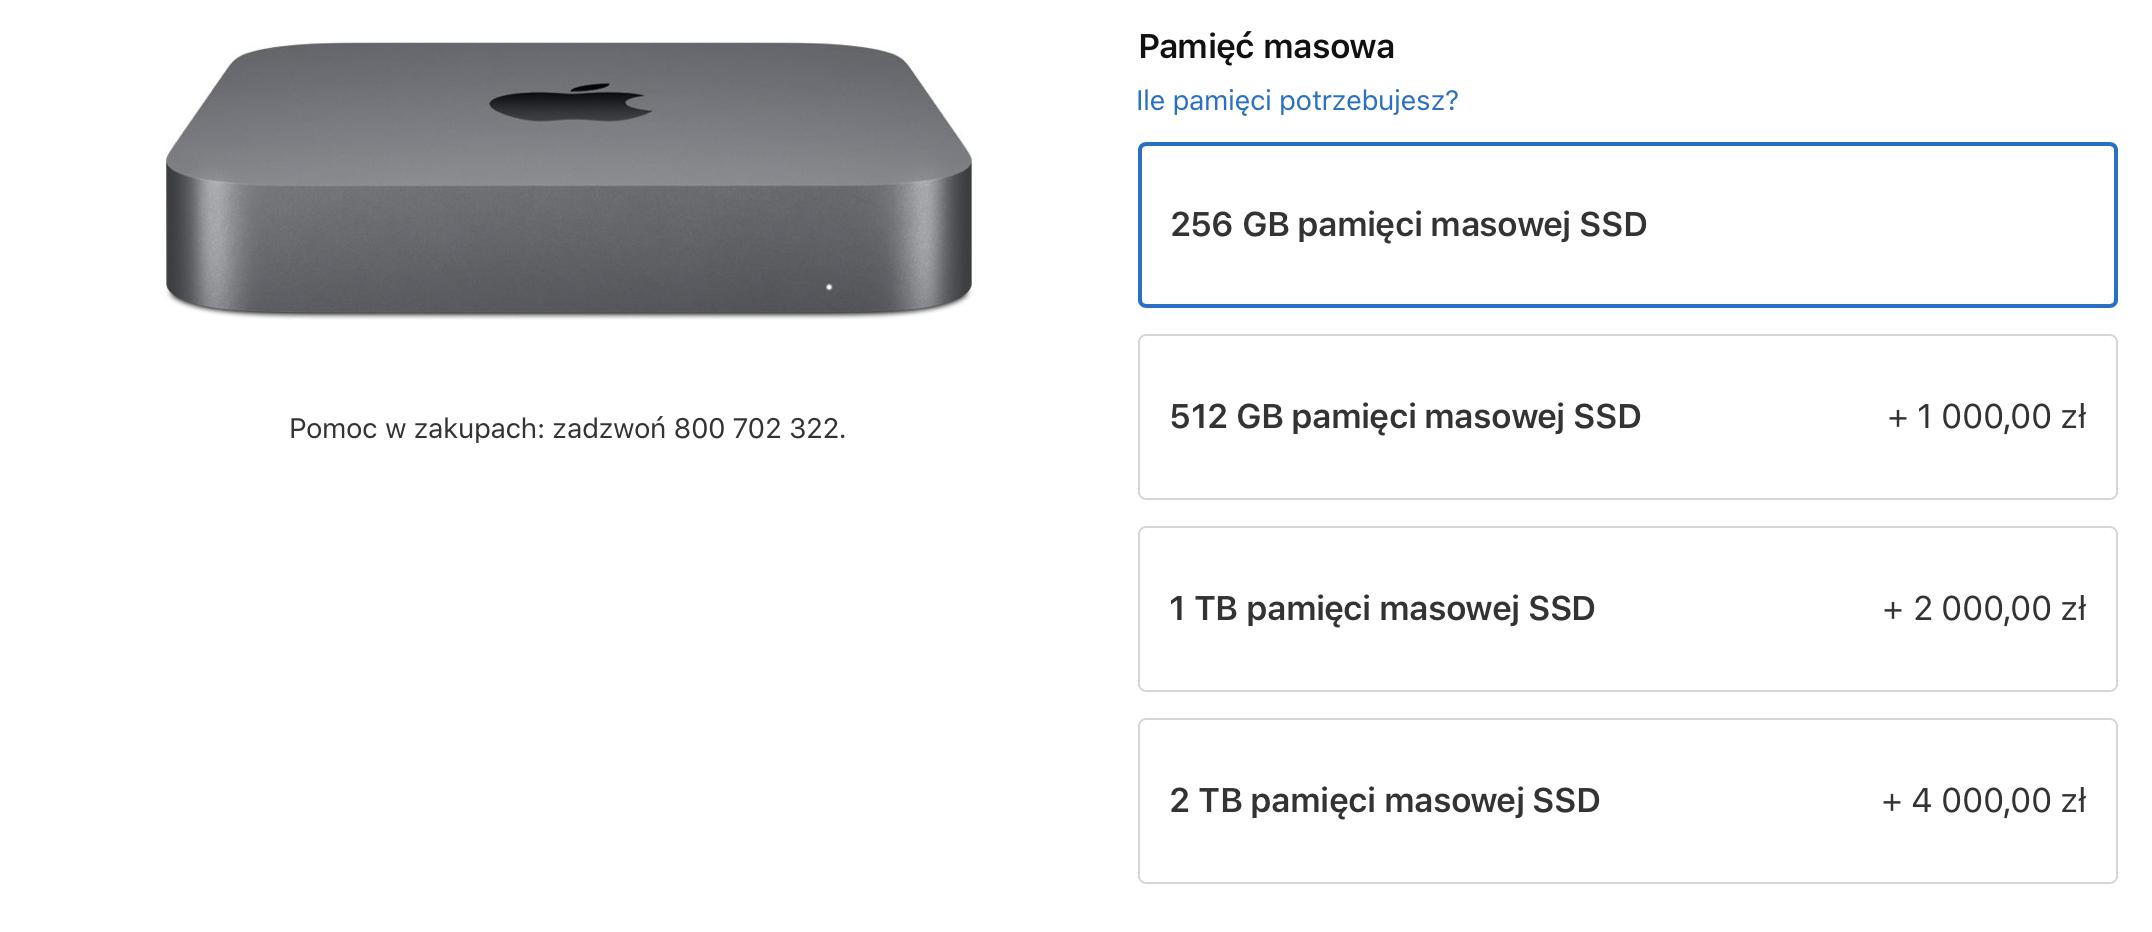 Apple wreszcie zrozumiało, że dysk 128 GB w komputerze to jednak za mało 18